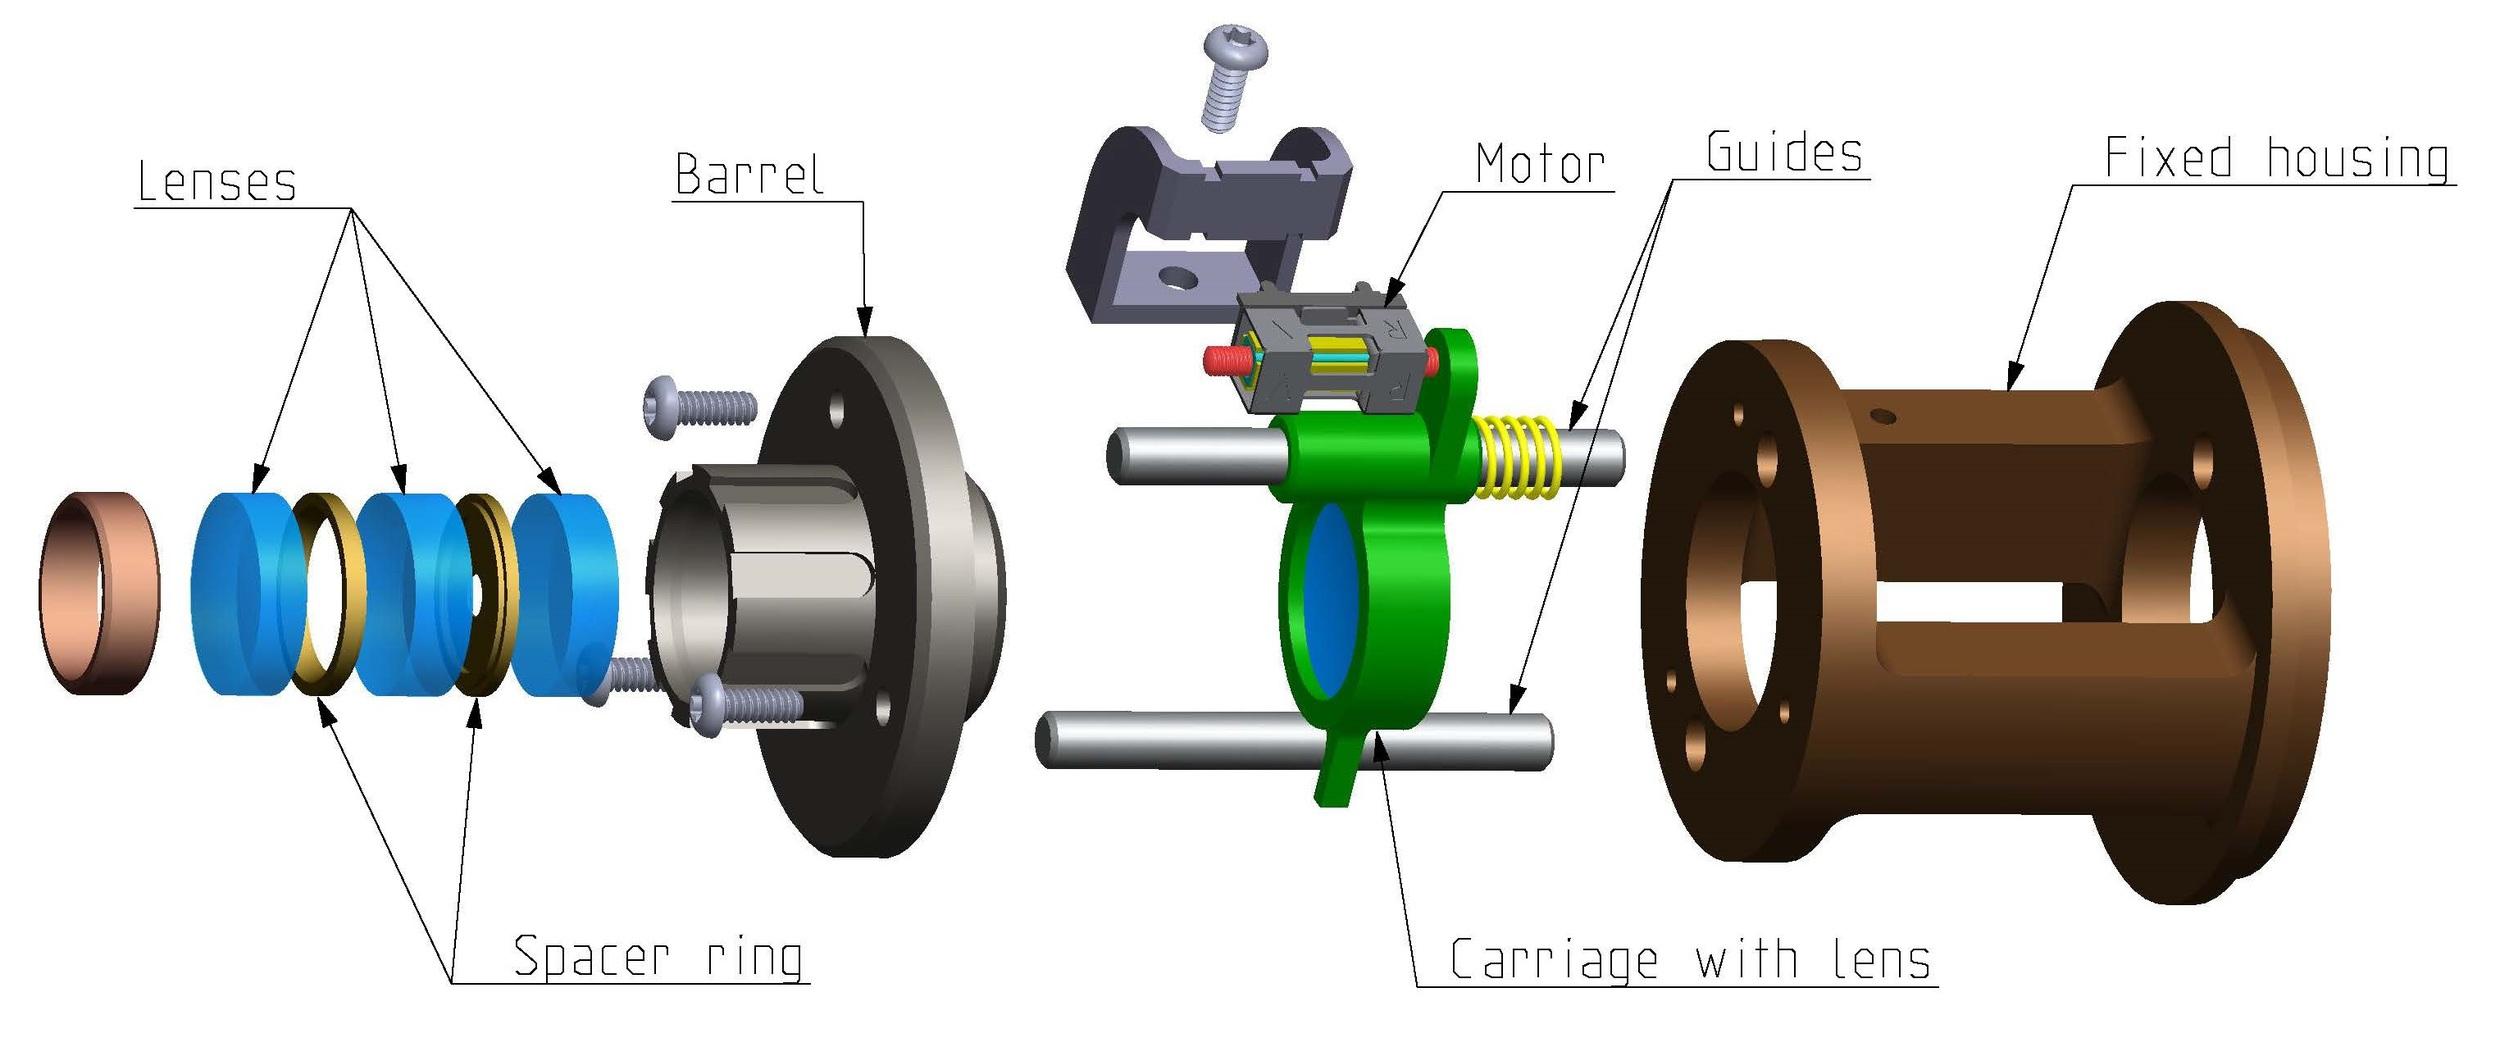 actuator control of autofocus